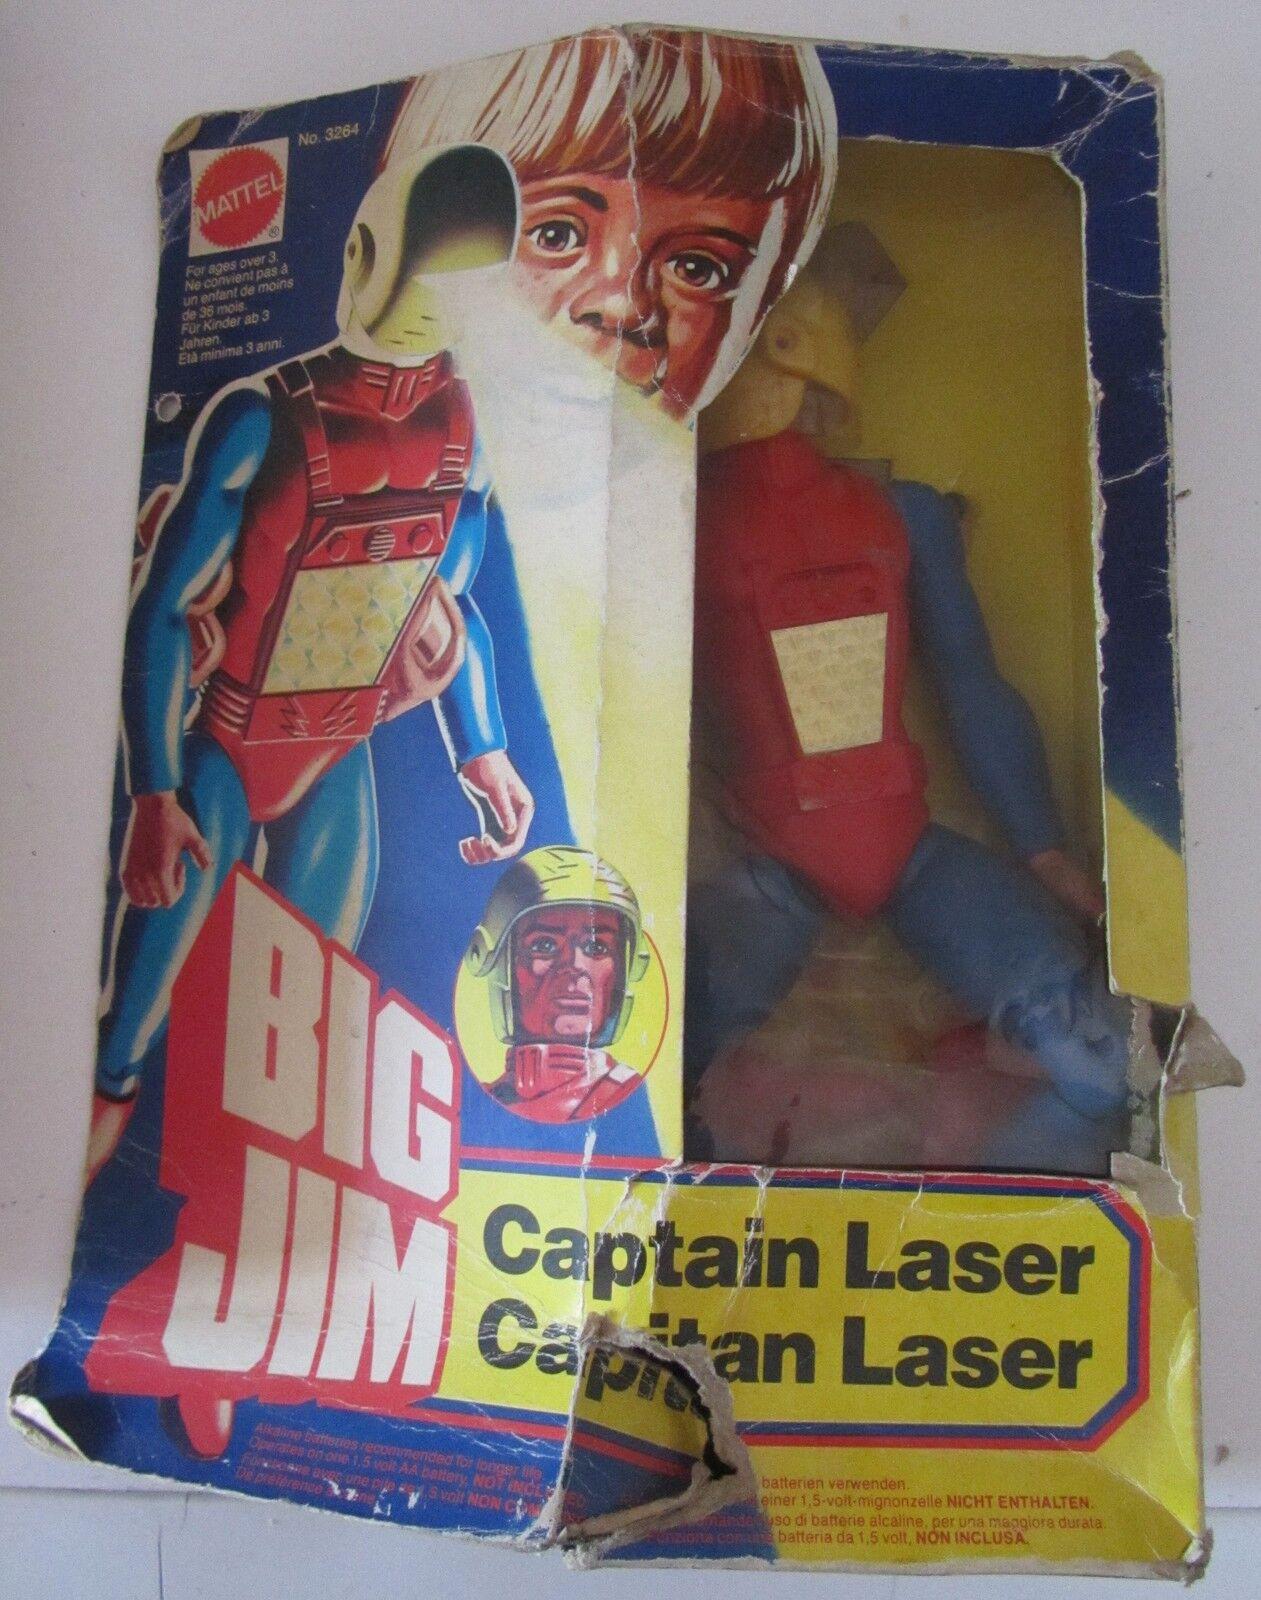 Big Jim Captain Laser Capitan 3264 rigido box Rovinato Mattel SPESE GRATIS